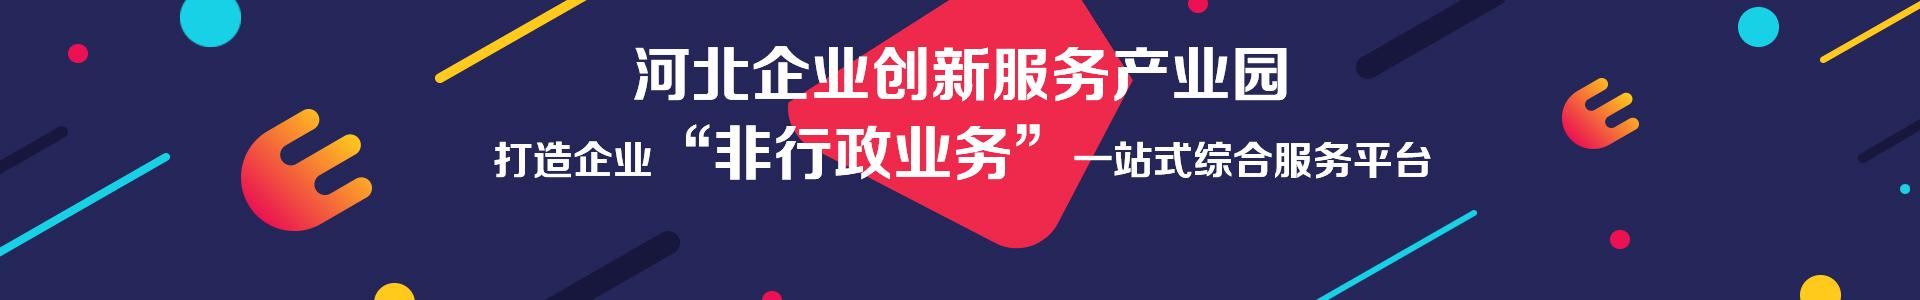 河北企业创新服务产业人园